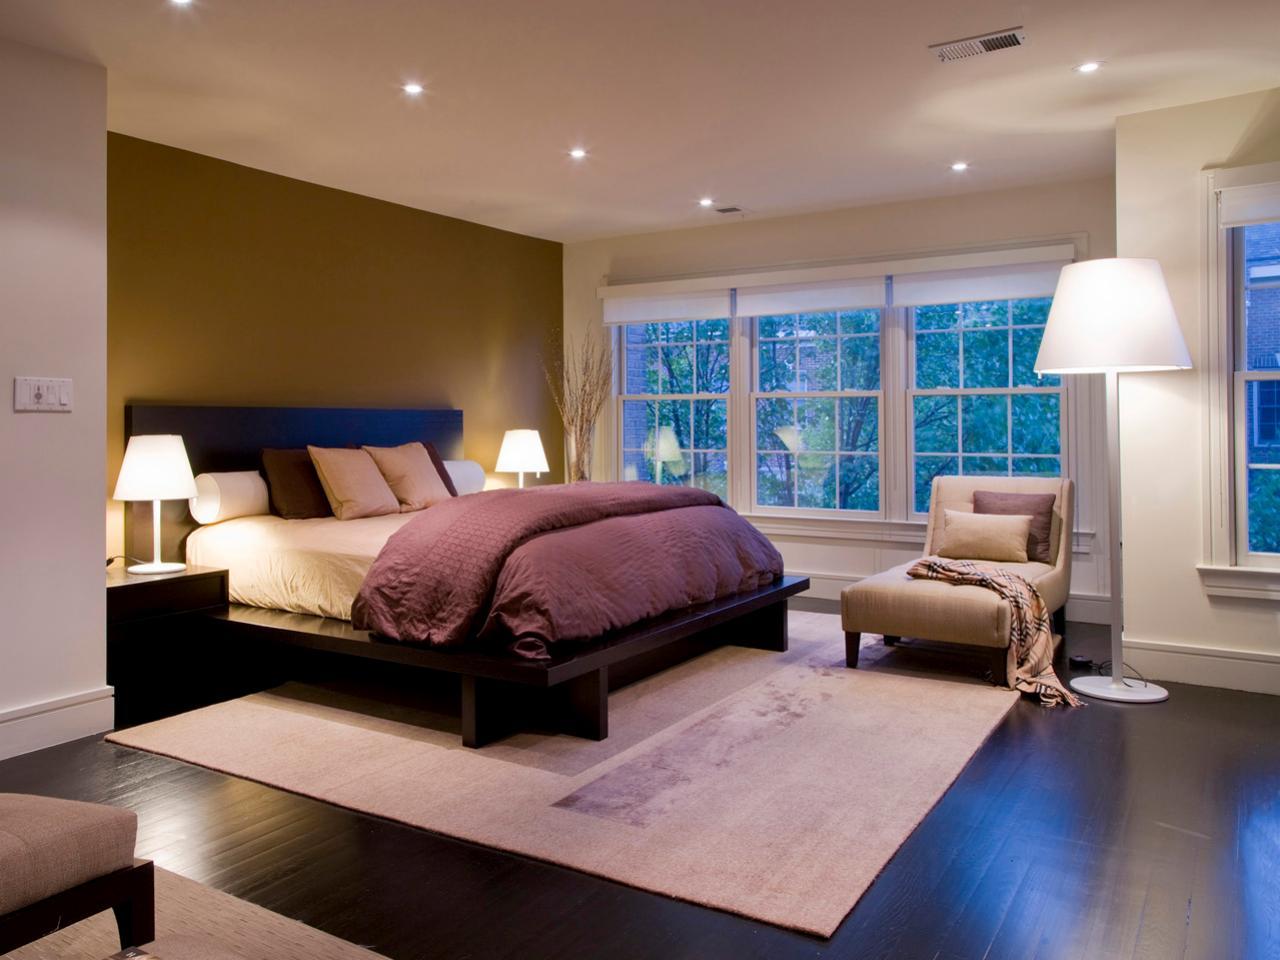 bedroom lights bedroom lighting designs JZHFCMY